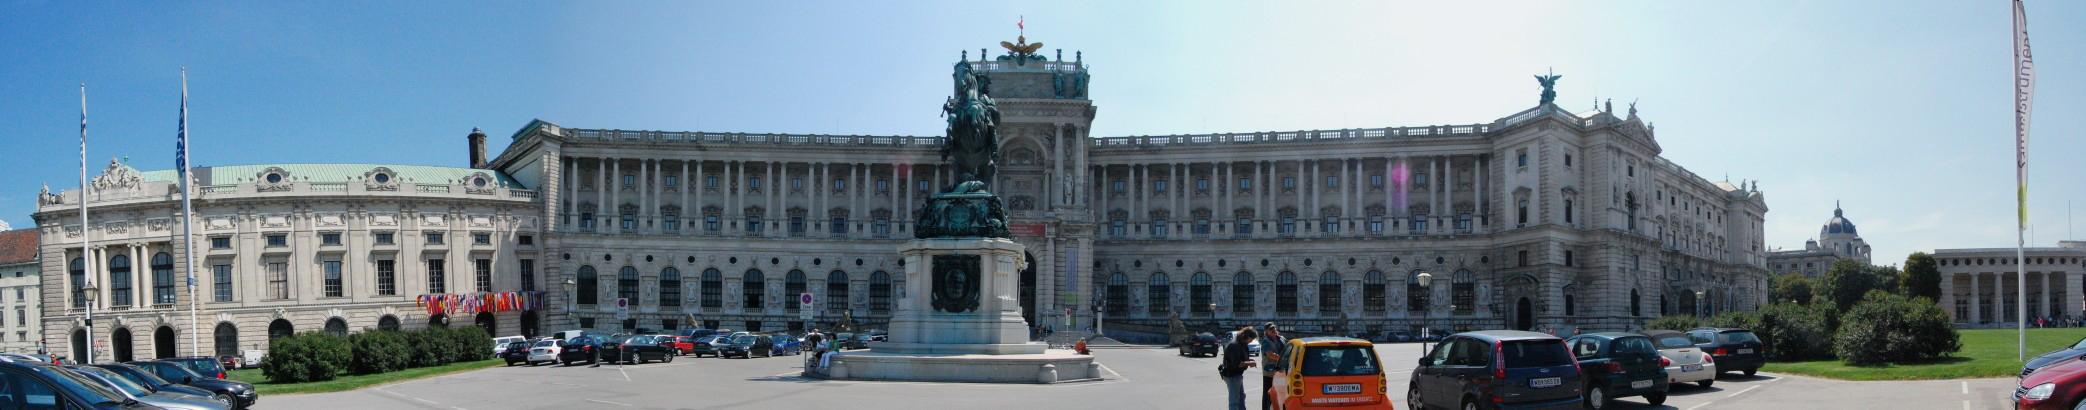 Parte derecha de la Heldenplatz